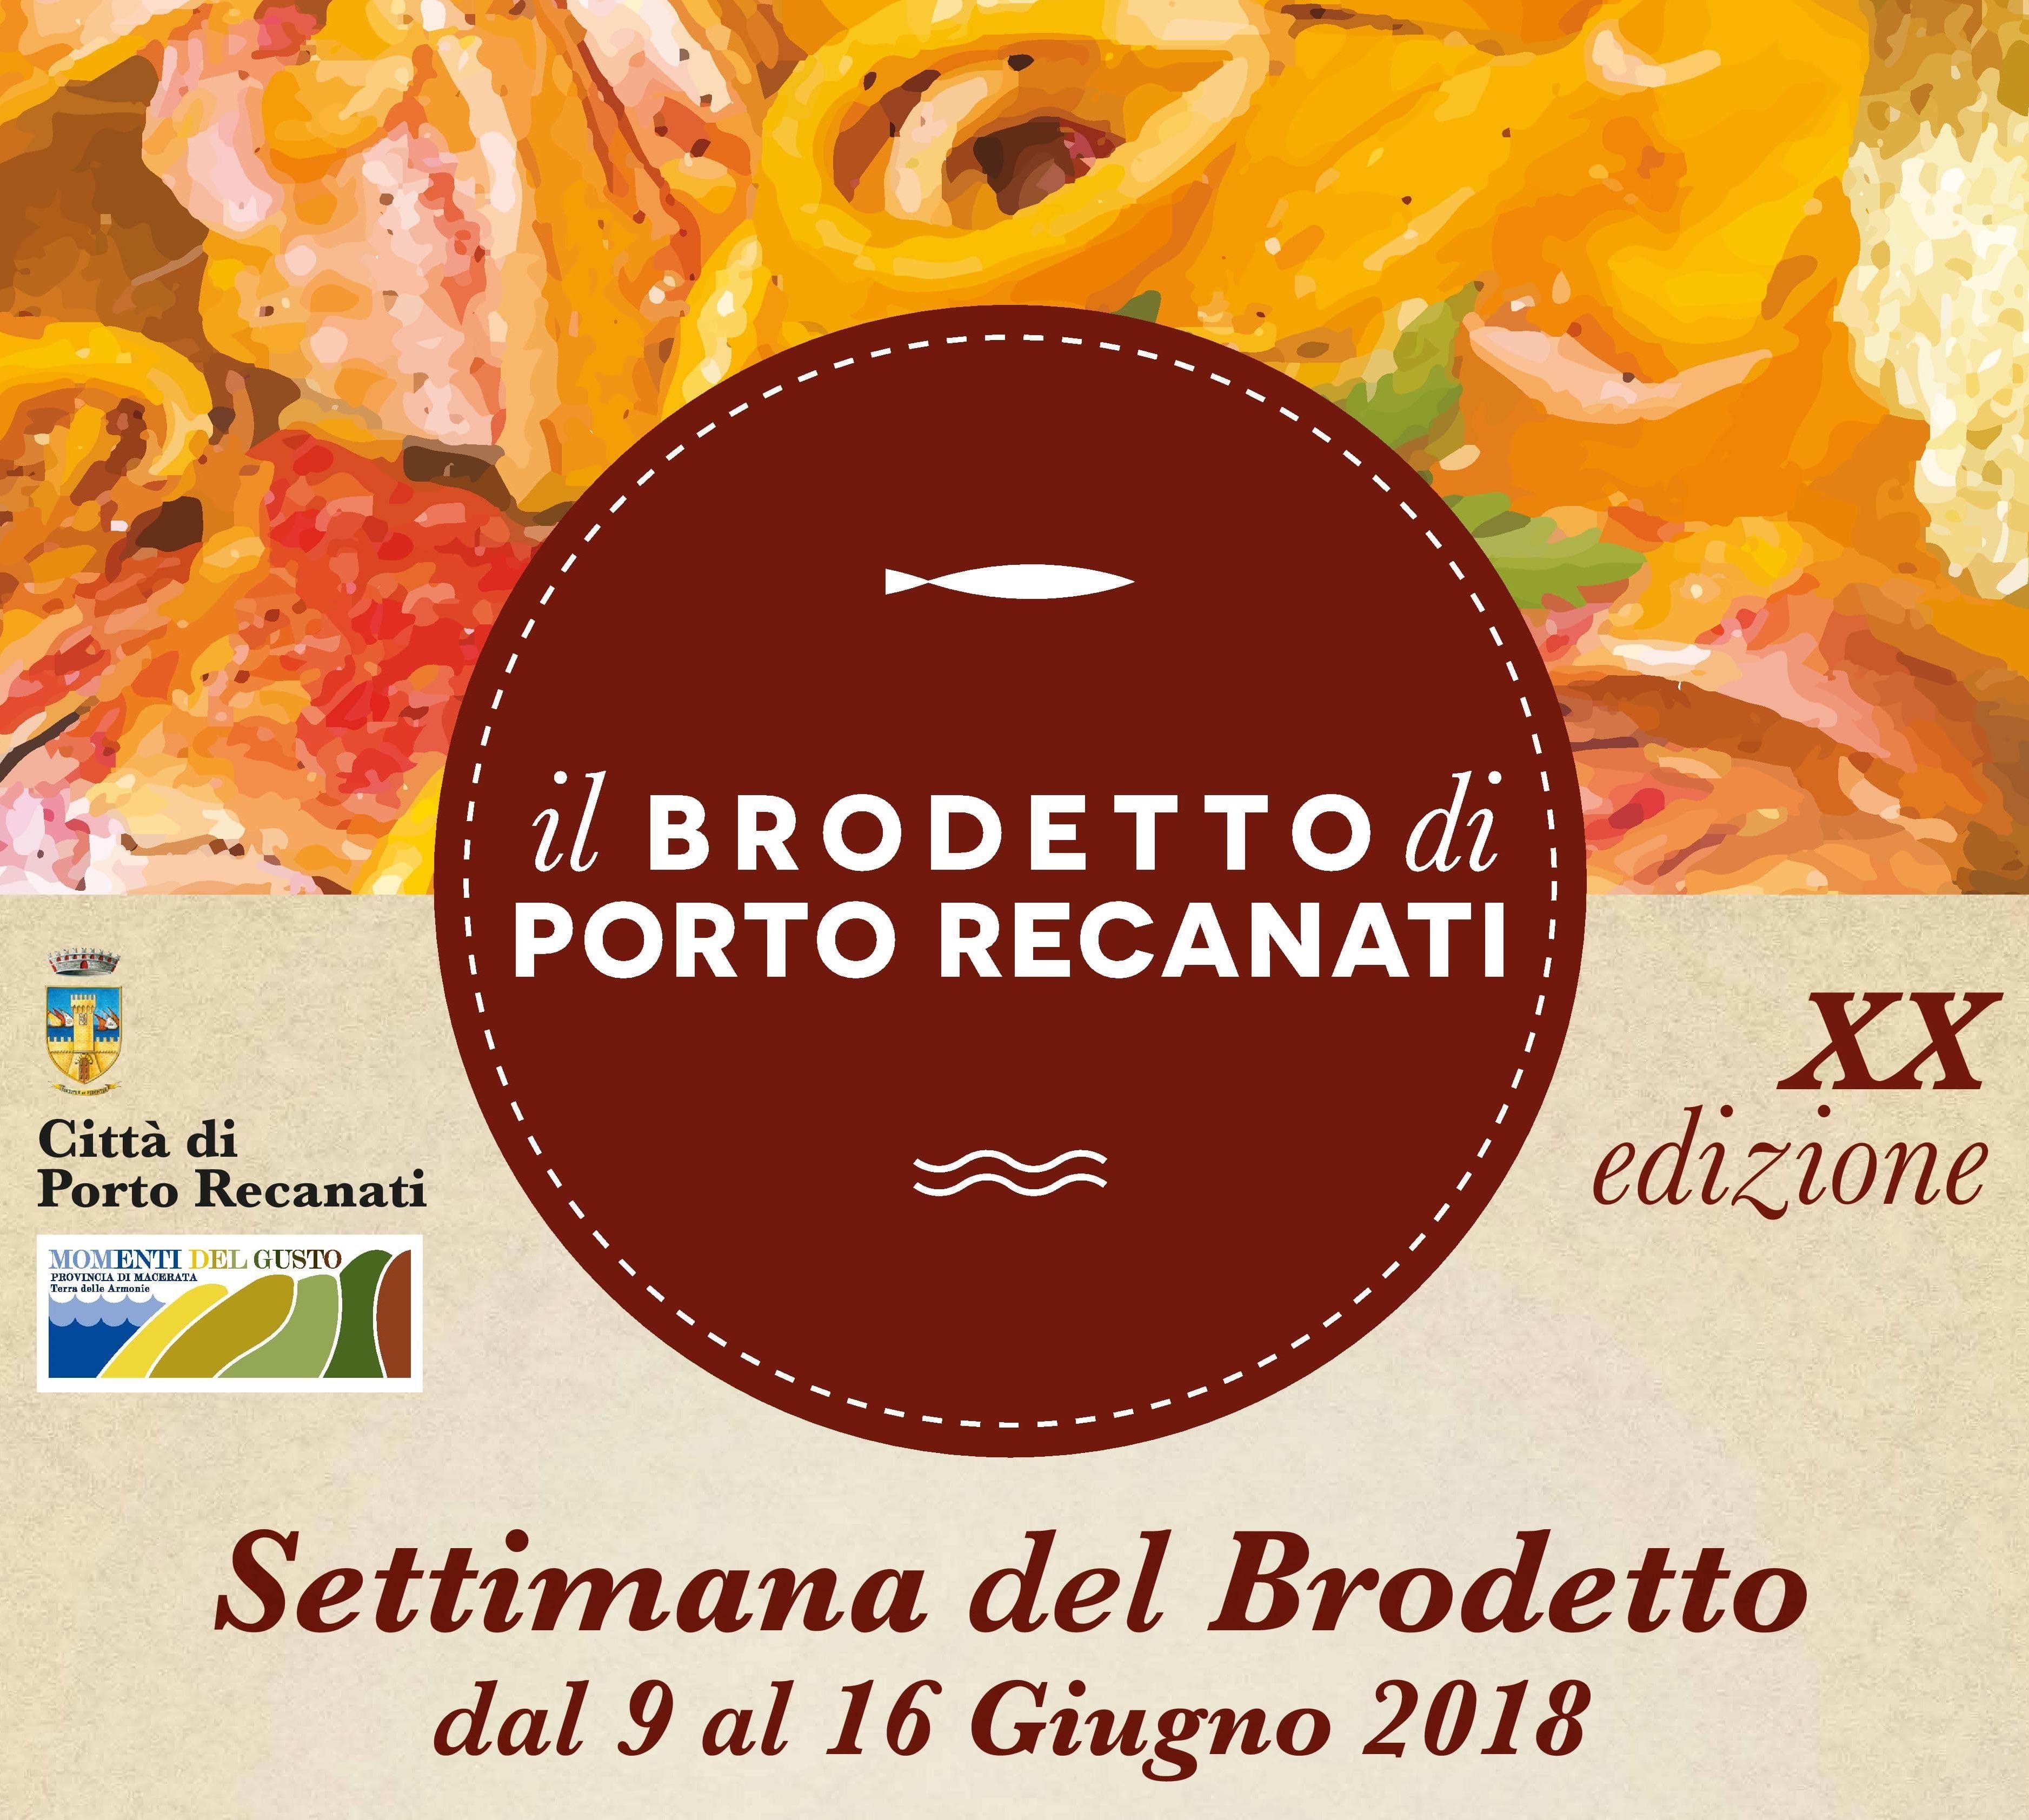 Ristorante Mira Conero Settimana del Brodetto